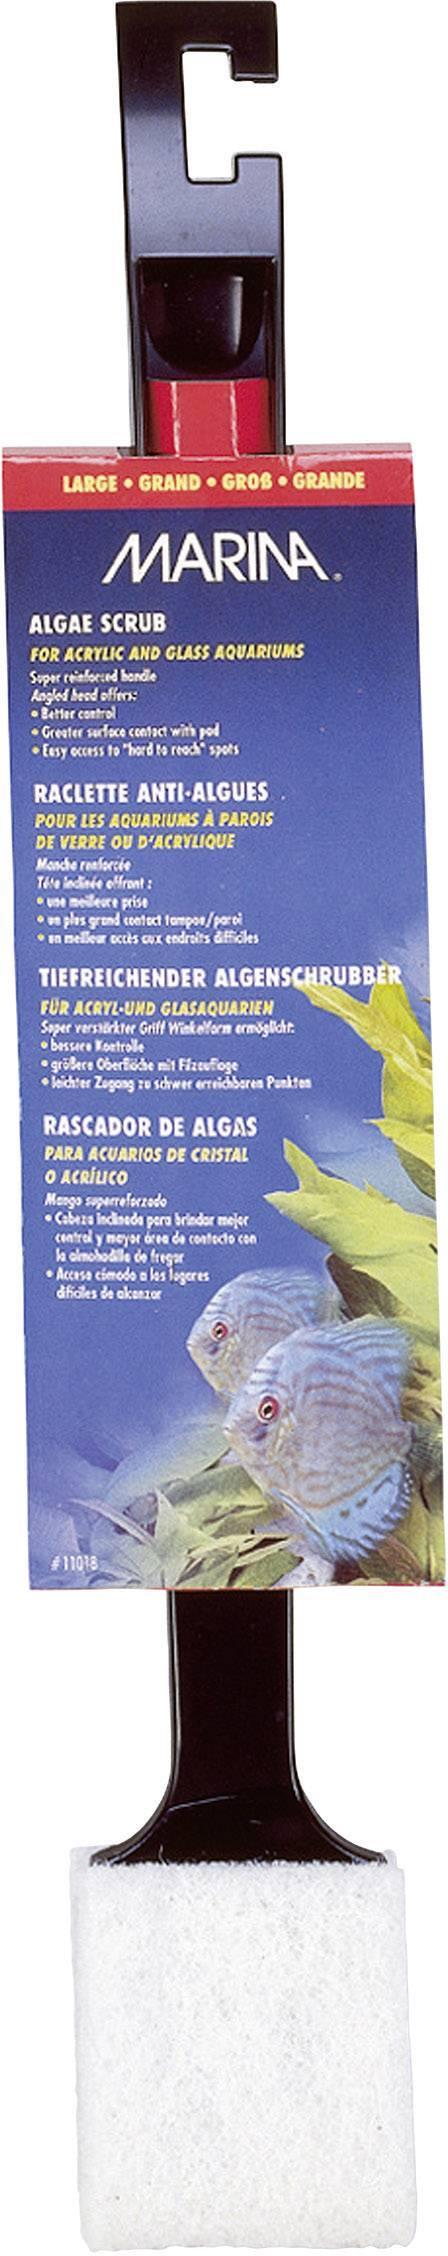 Údržba akvária